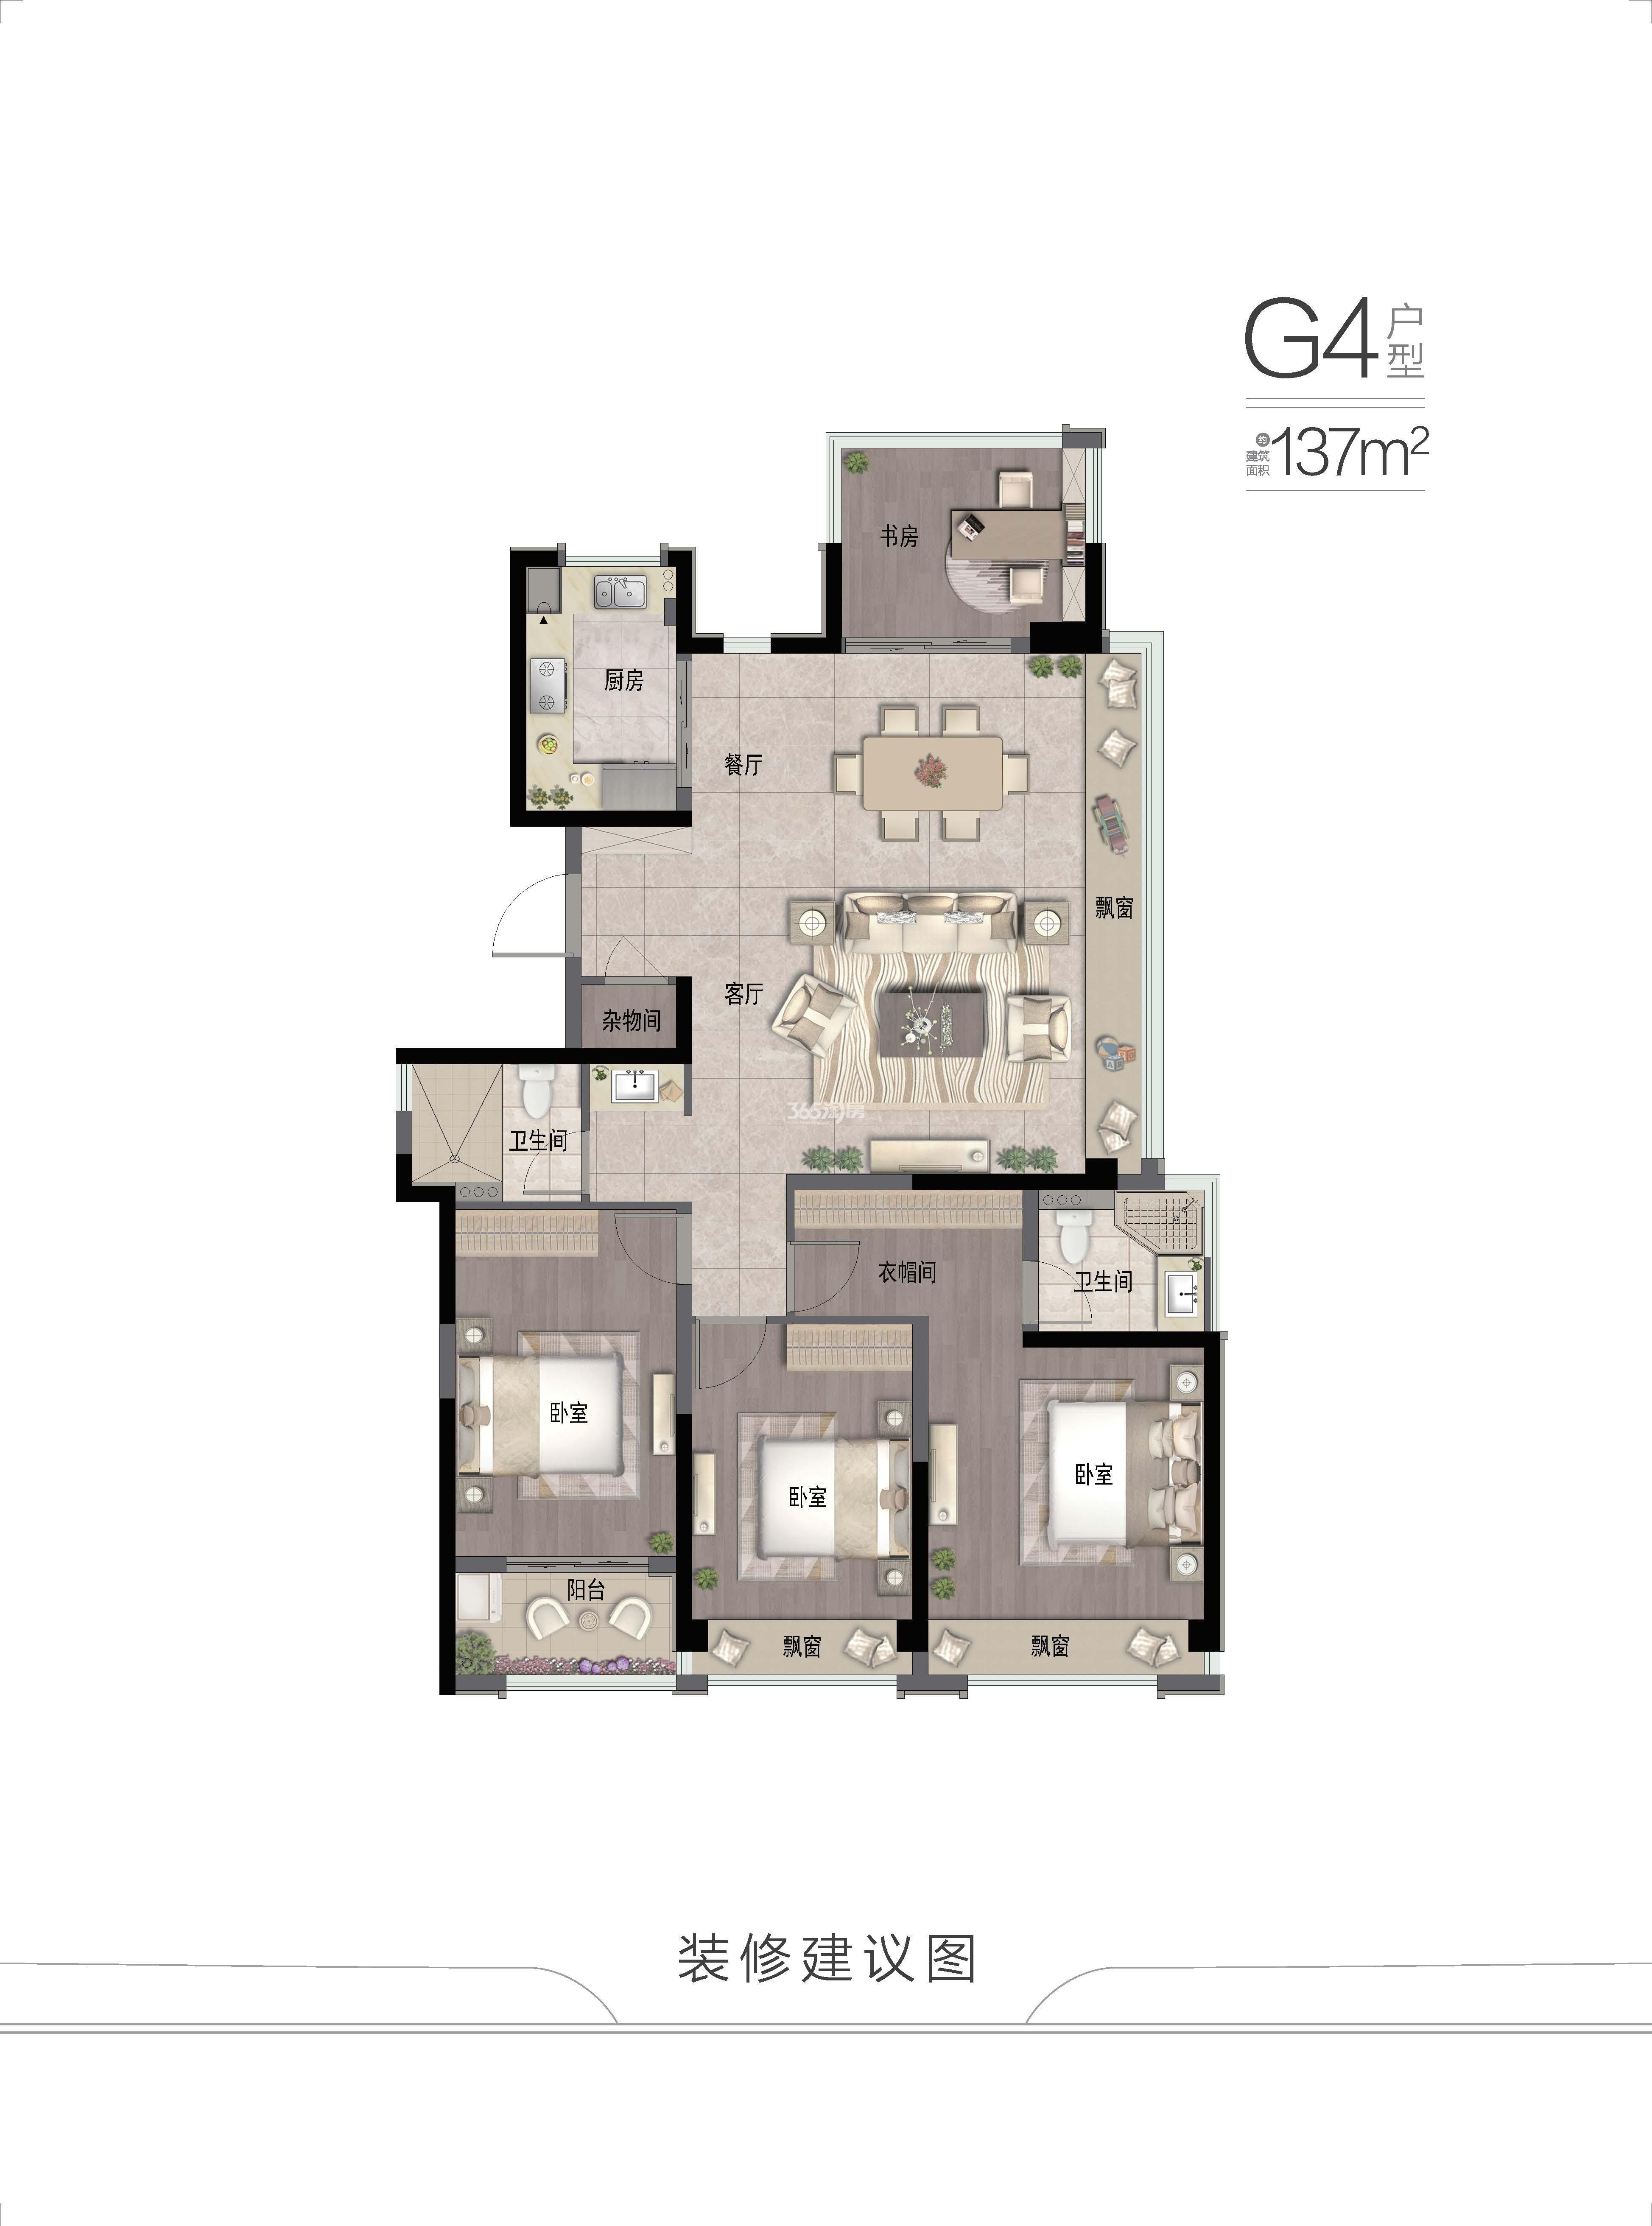 世宸名府高层G4户型137方装修建议图